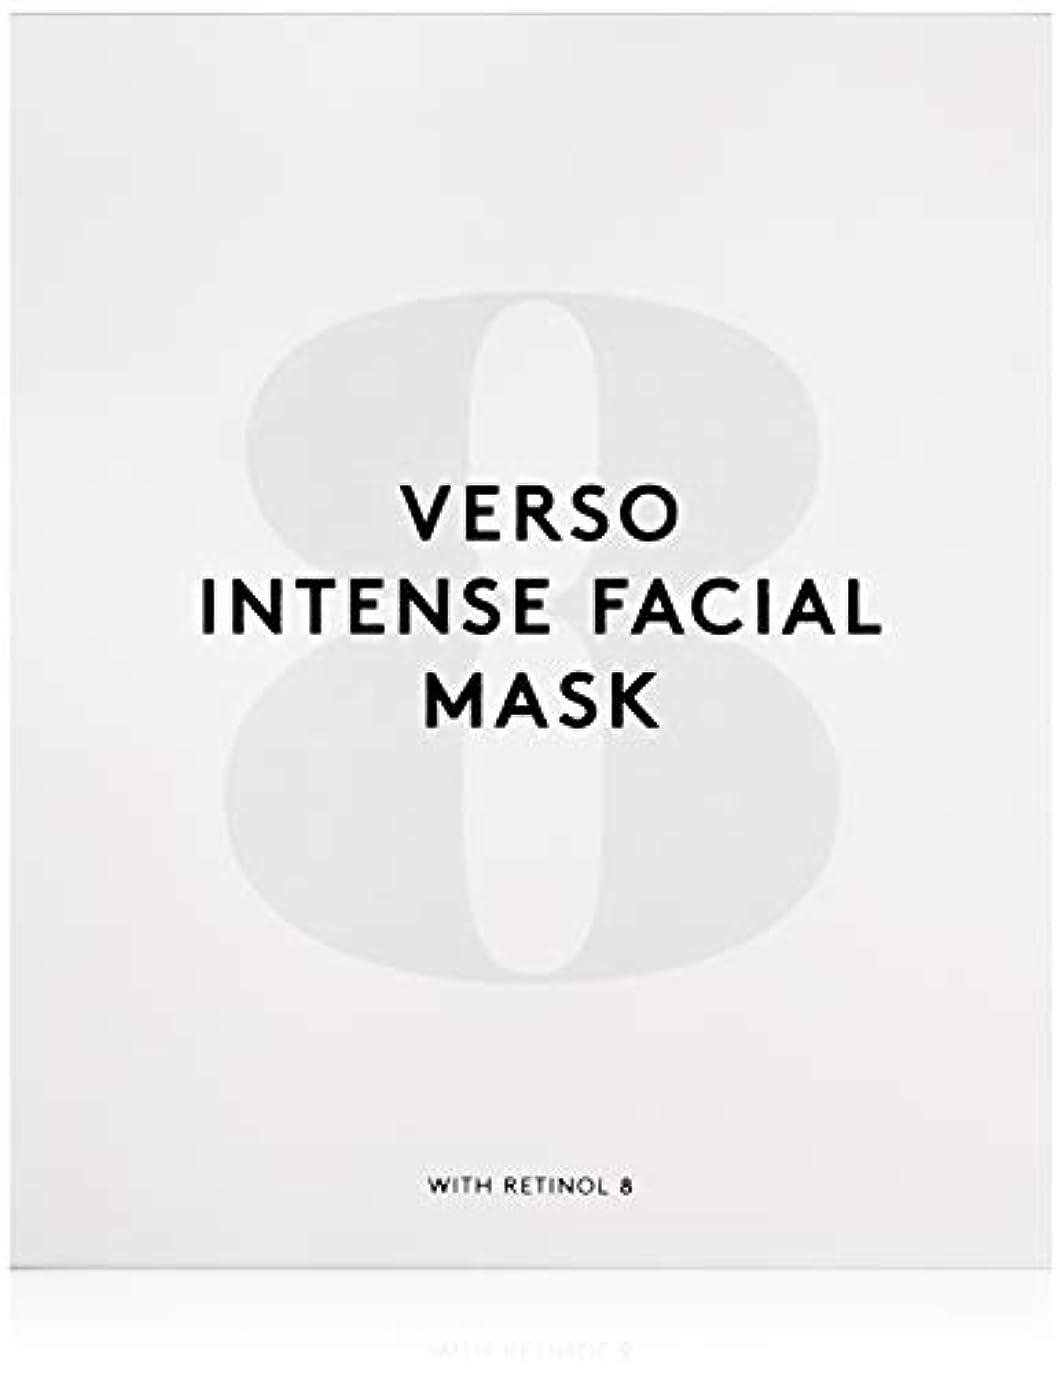 近代化義務おじさんヴェルソスキンケア インテンスフェイシャルマスク 4x25g/0.88oz